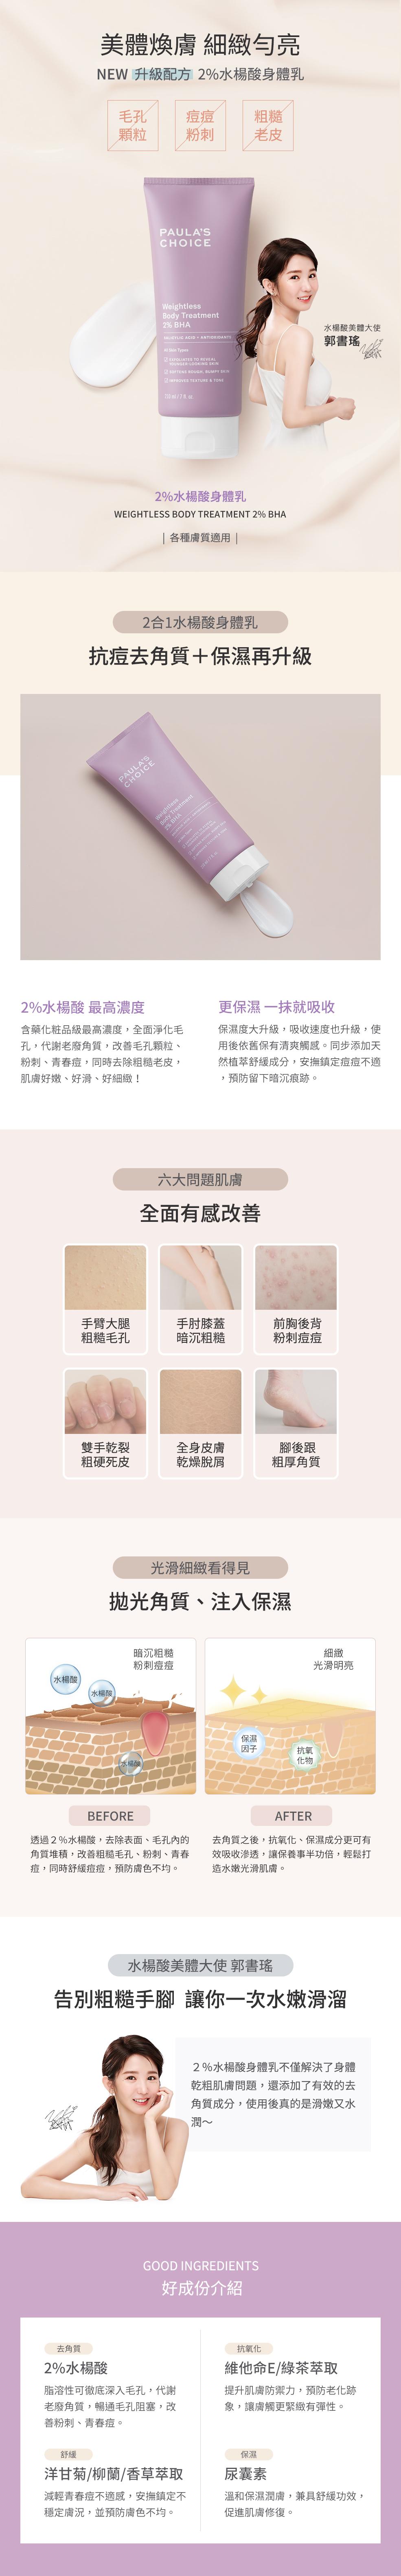 抗老化柔膚2%水楊酸身體乳為絲滑柔光清爽水乳液,含衛署最高濃度2%水楊酸,PH3.48,去除老廢角質,加速保濕吸收,解決色差問題,勻亮暗沉膚色,並添加多種抗氧化物及保濕因子,滋潤乾燥膚況,預防皮膚老化,提升皮膚光澤明亮度。乾燥老皮OUT,去角質保濕一氣呵成,解決肌膚六大問題,手臂、大腿毛孔疙瘩,肘膝黯沉粗糙,粗厚乾裂腳跟,前胸後背粉刺痘痘,冬季乾燥搔癢,龜裂脫皮掉屑,好成分介紹:水楊酸、丁二醇、維他命E、洋甘菊、柳蘭萃取物、綠茶萃取、沒藥醇、尿囊素、哈密瓜萃取物